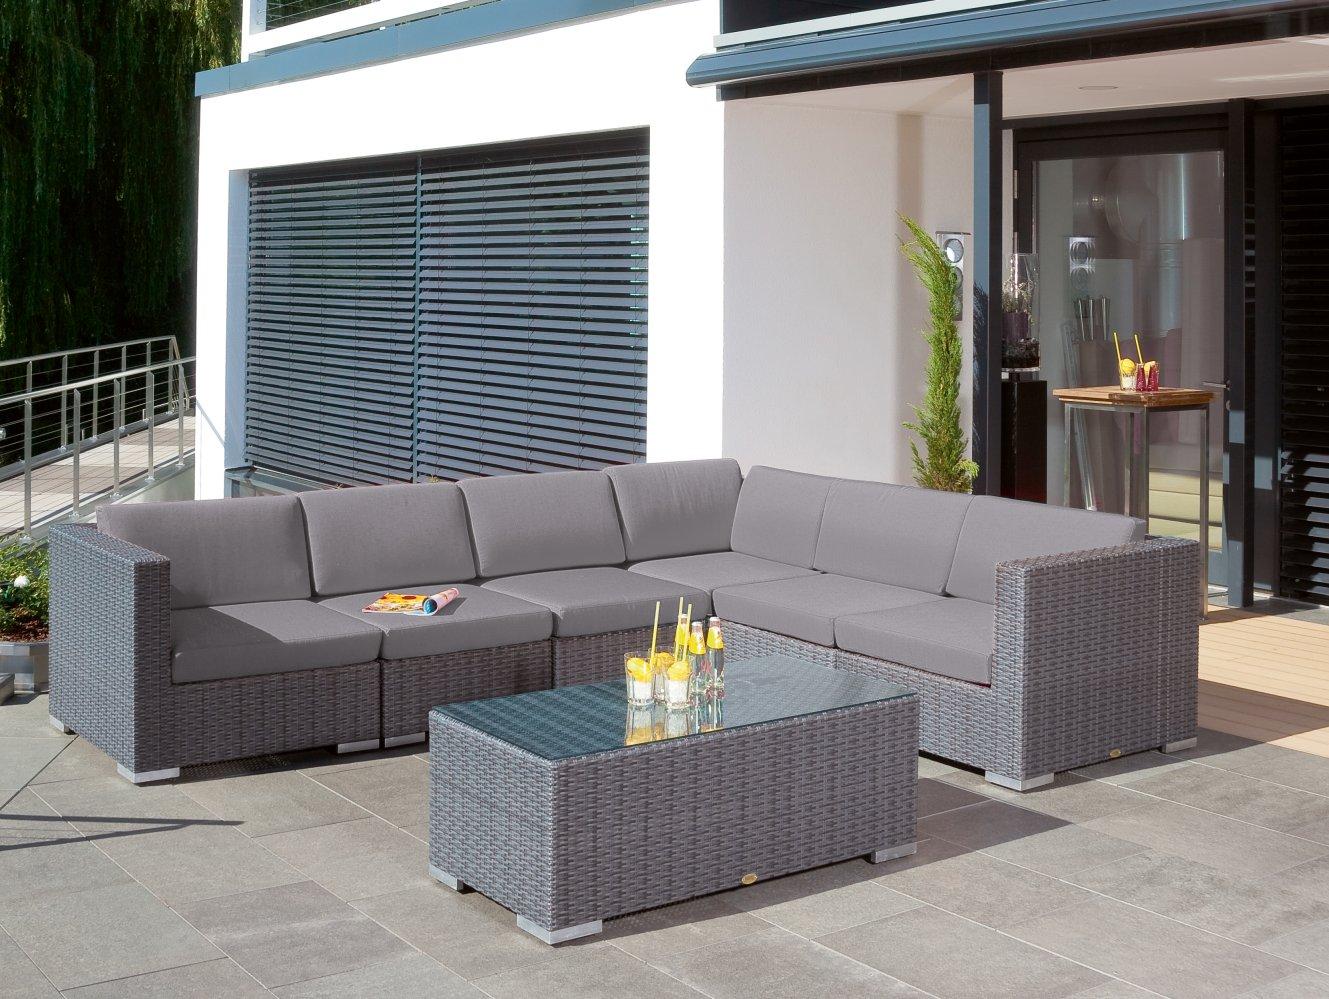 witterungsbest ndige outdoor eckcouch mit geflecht couchtisch hochwertig flechtwerk. Black Bedroom Furniture Sets. Home Design Ideas